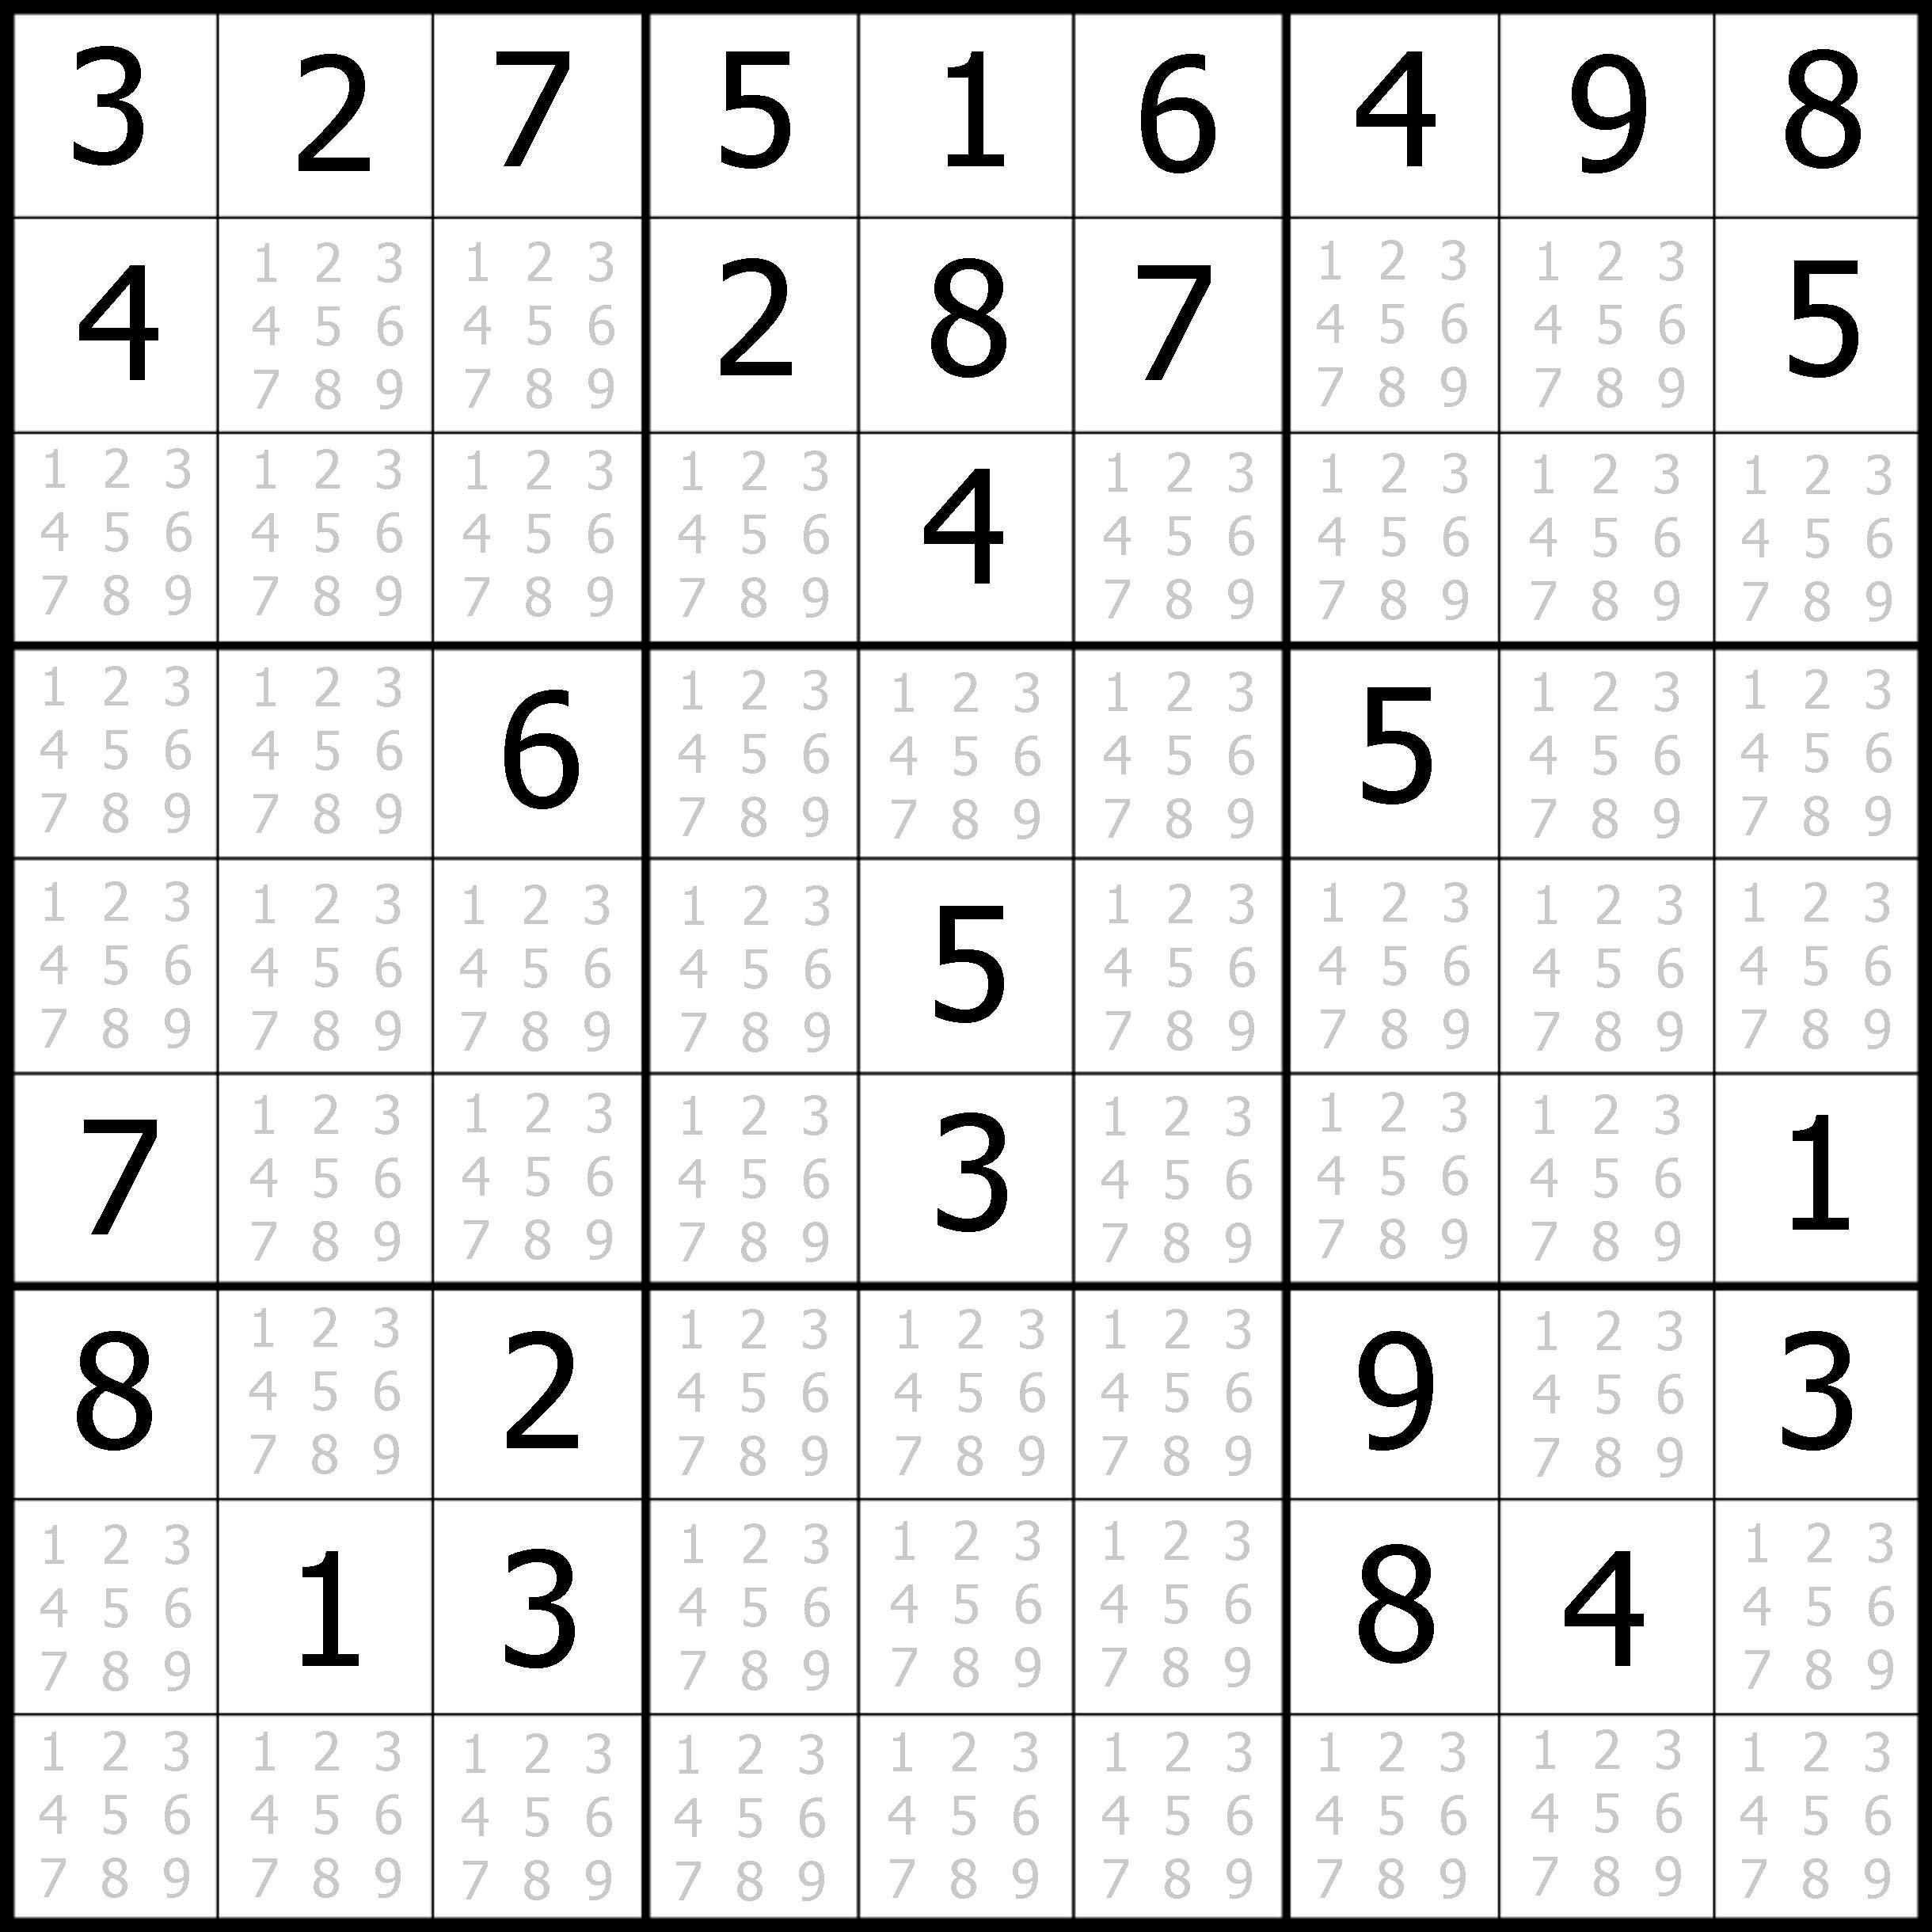 Sudoku Printable | Free, Medium, Printable Sudoku Puzzle #1 | My - Free Printable Sudoku Pdf